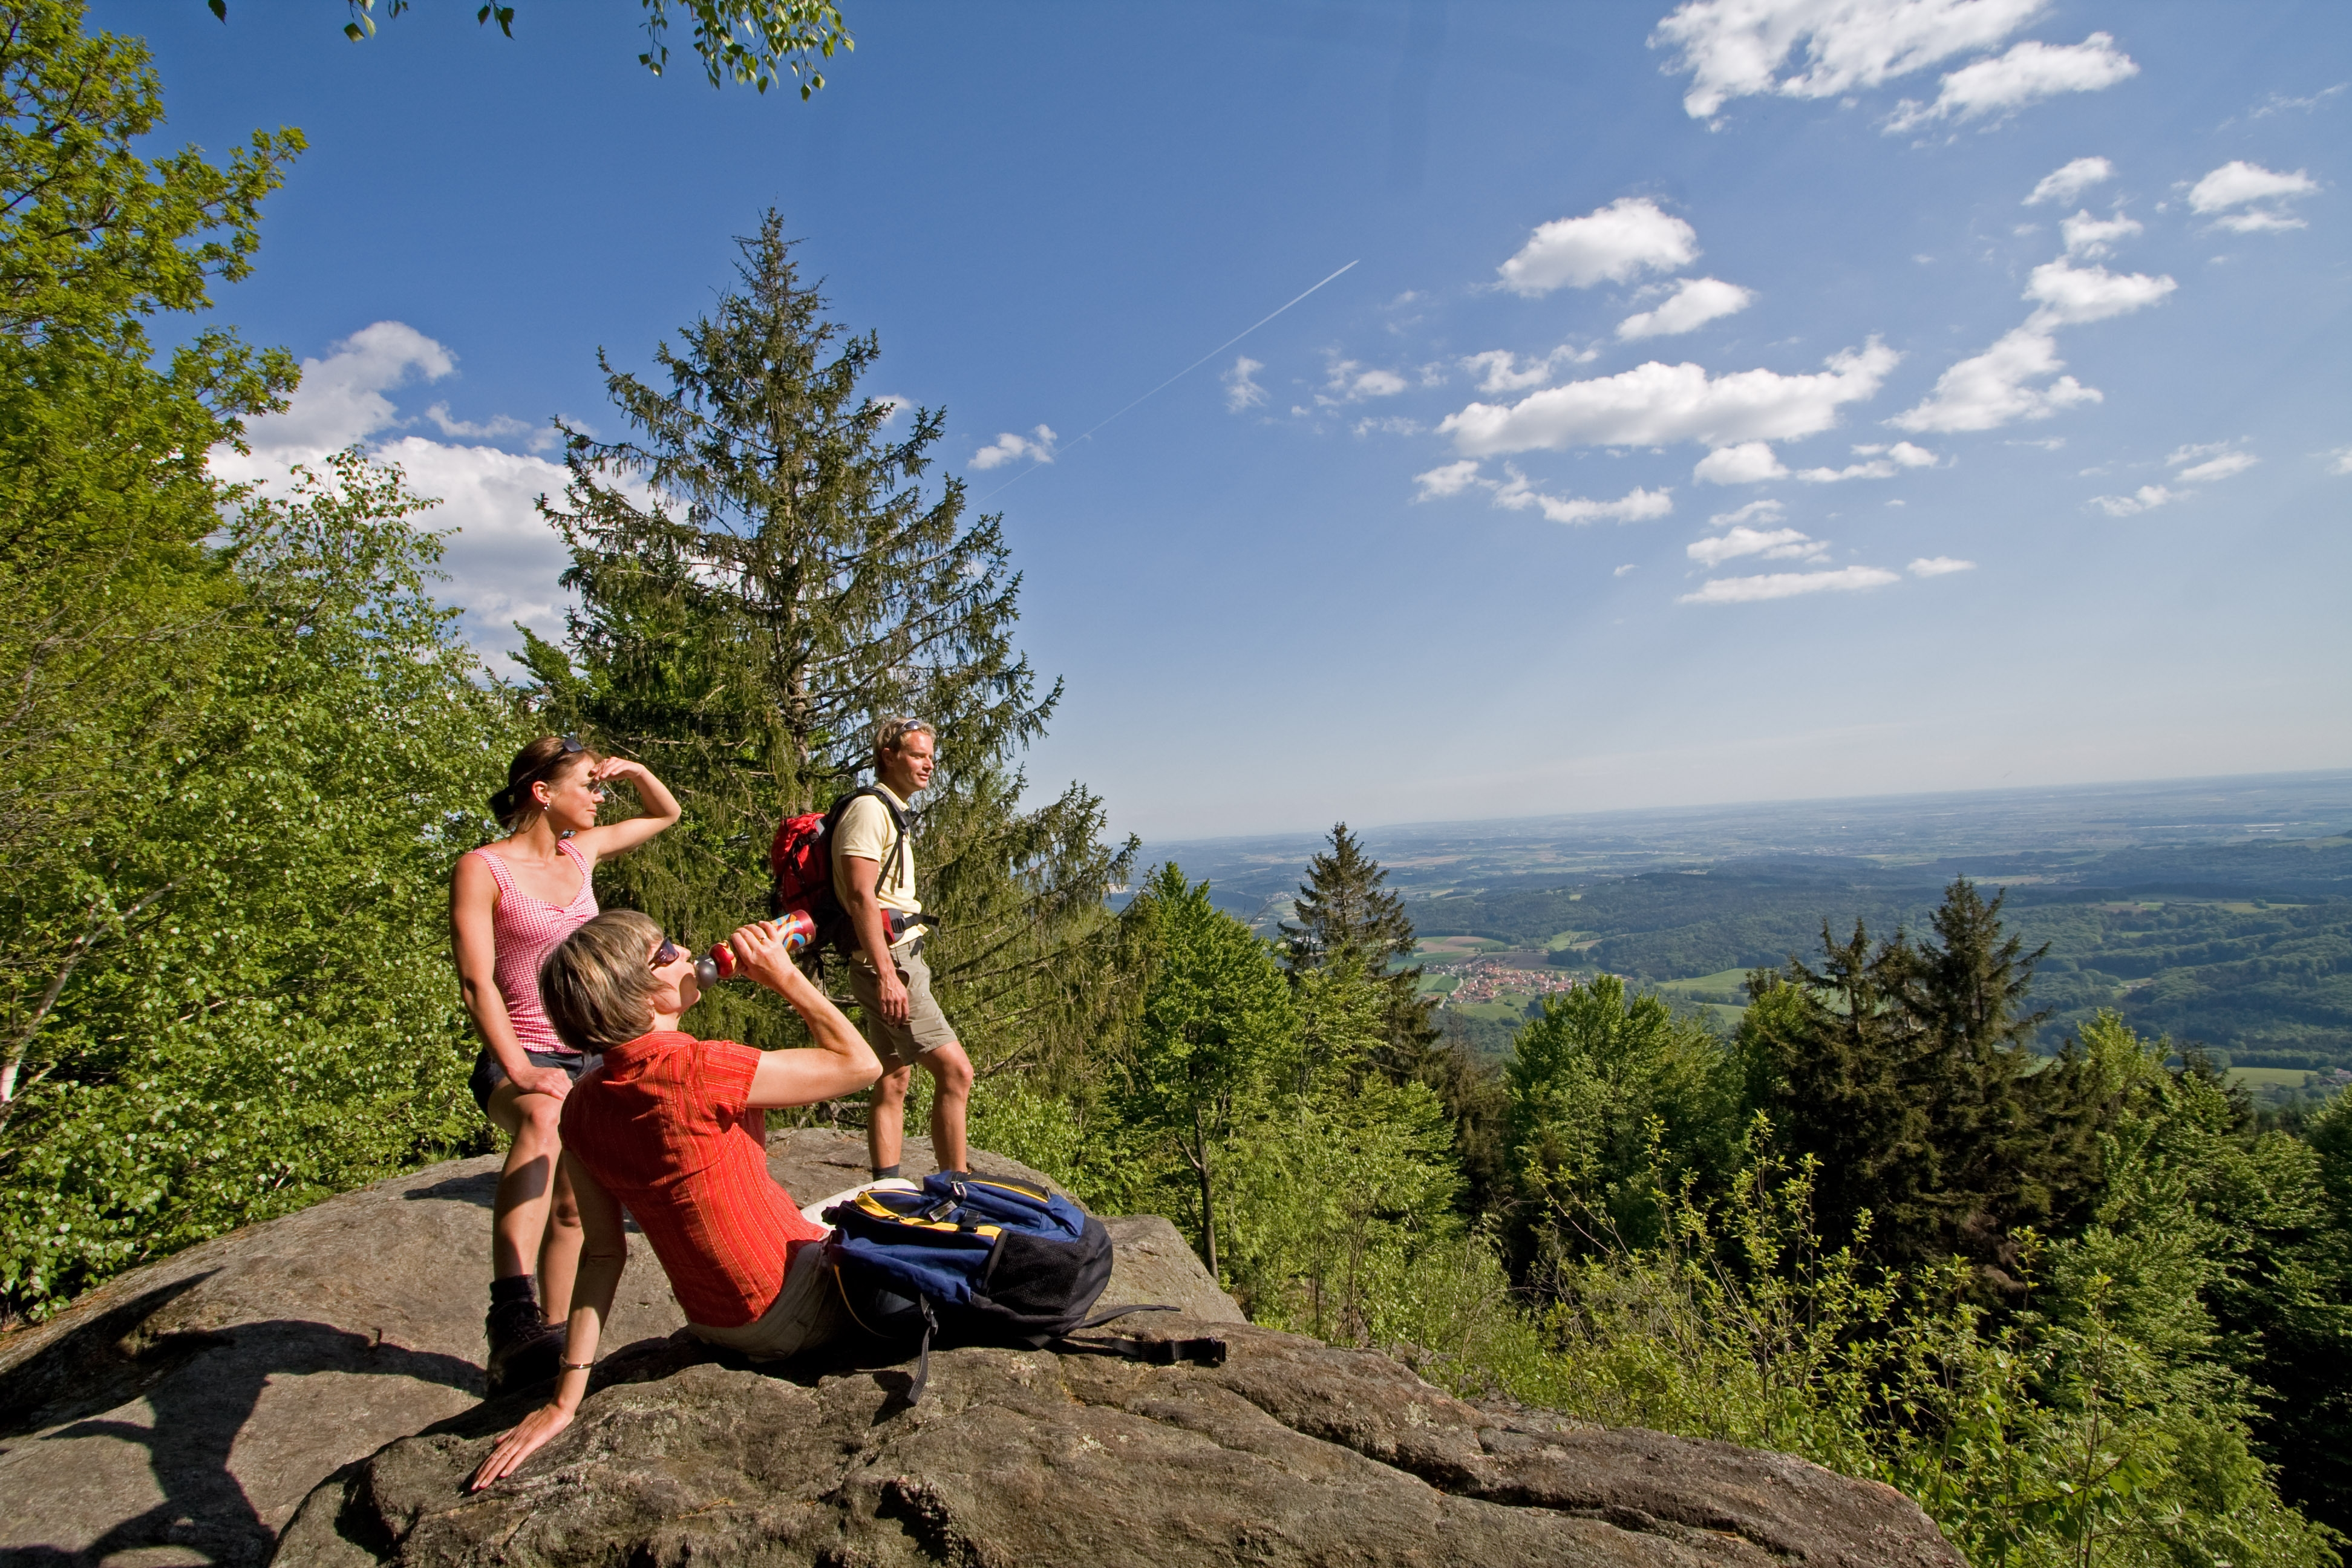 Bei Deggendorf kann man in der schönen Natur des Bayerischen Waldes traumhafte Wandertouren unternehmen